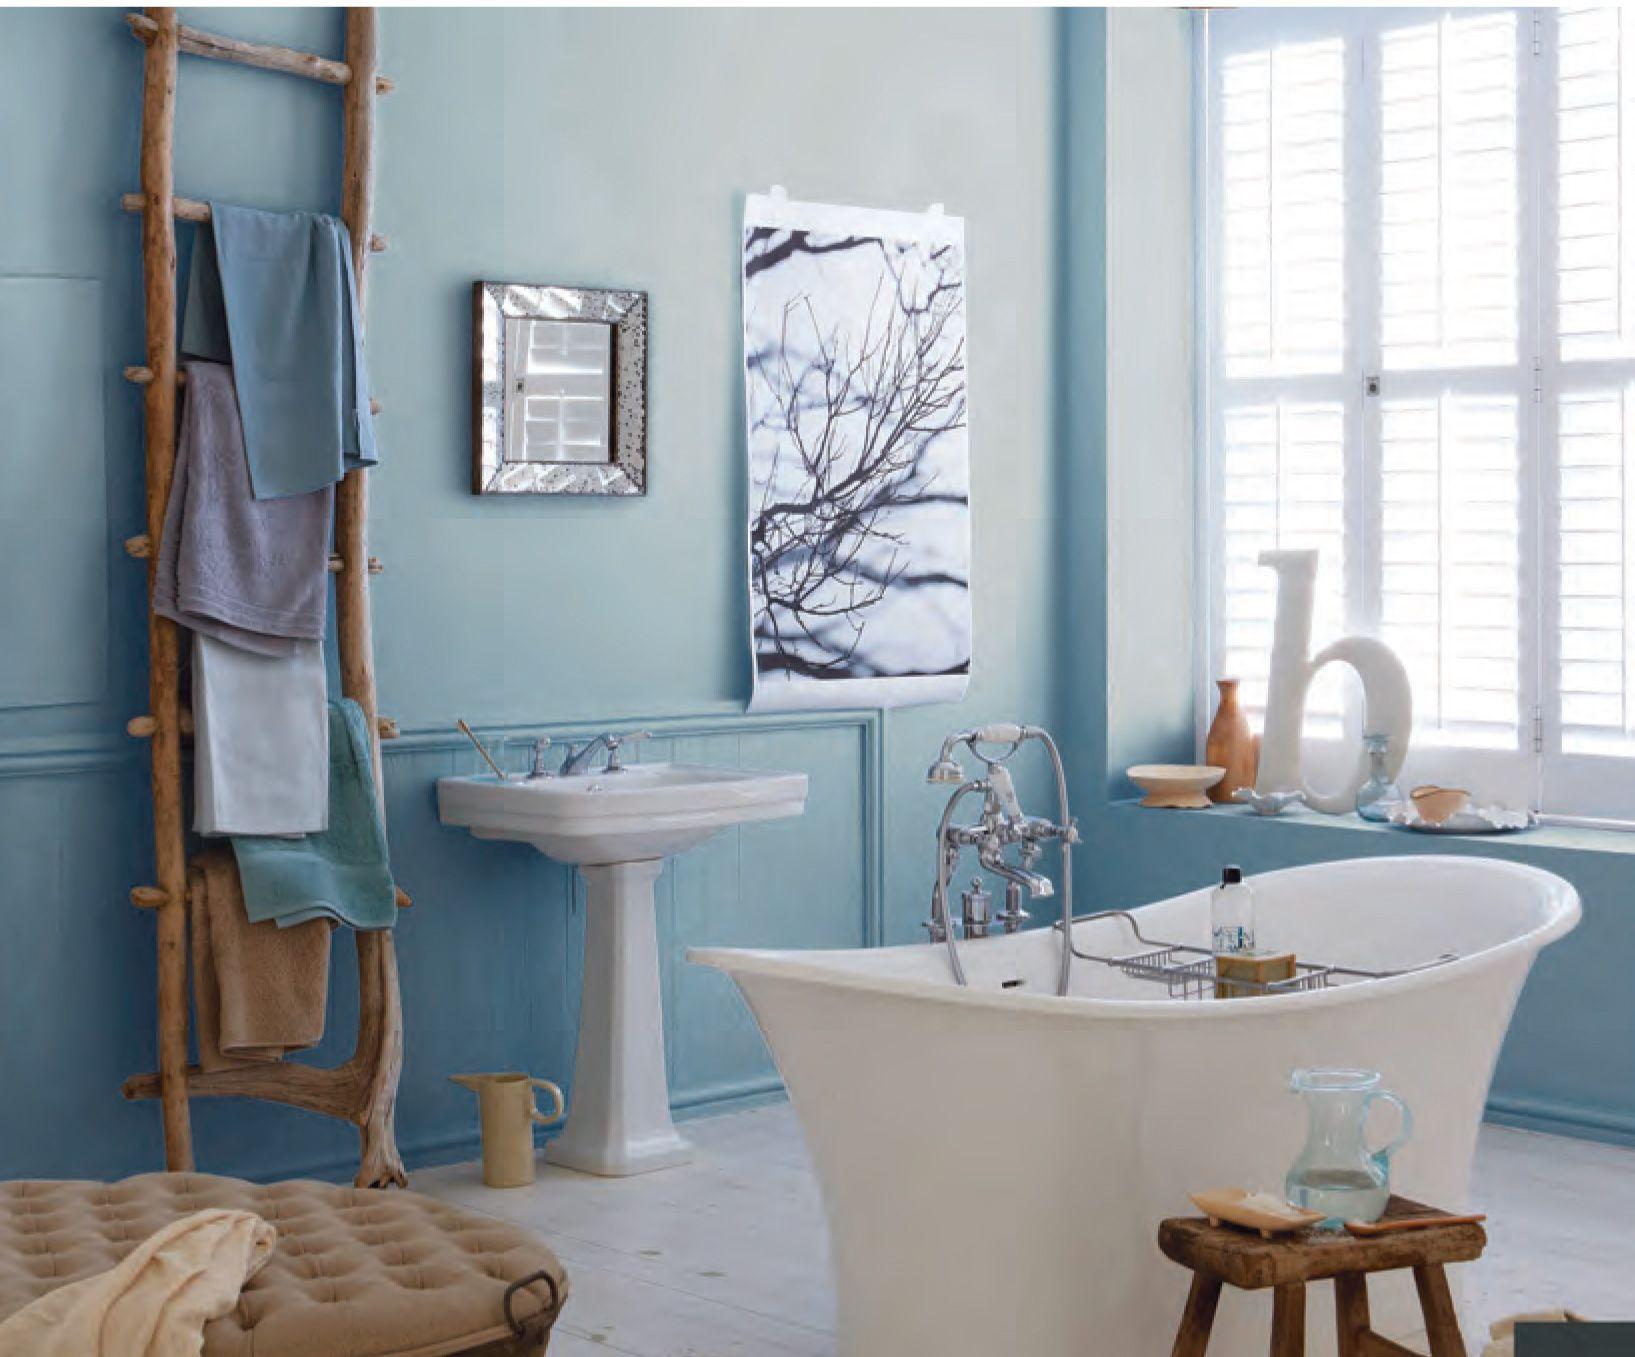 Badezimmer dekor ideen 2018 modisch blau bad deko ideen  mehr auf unserer website  pflegen sie